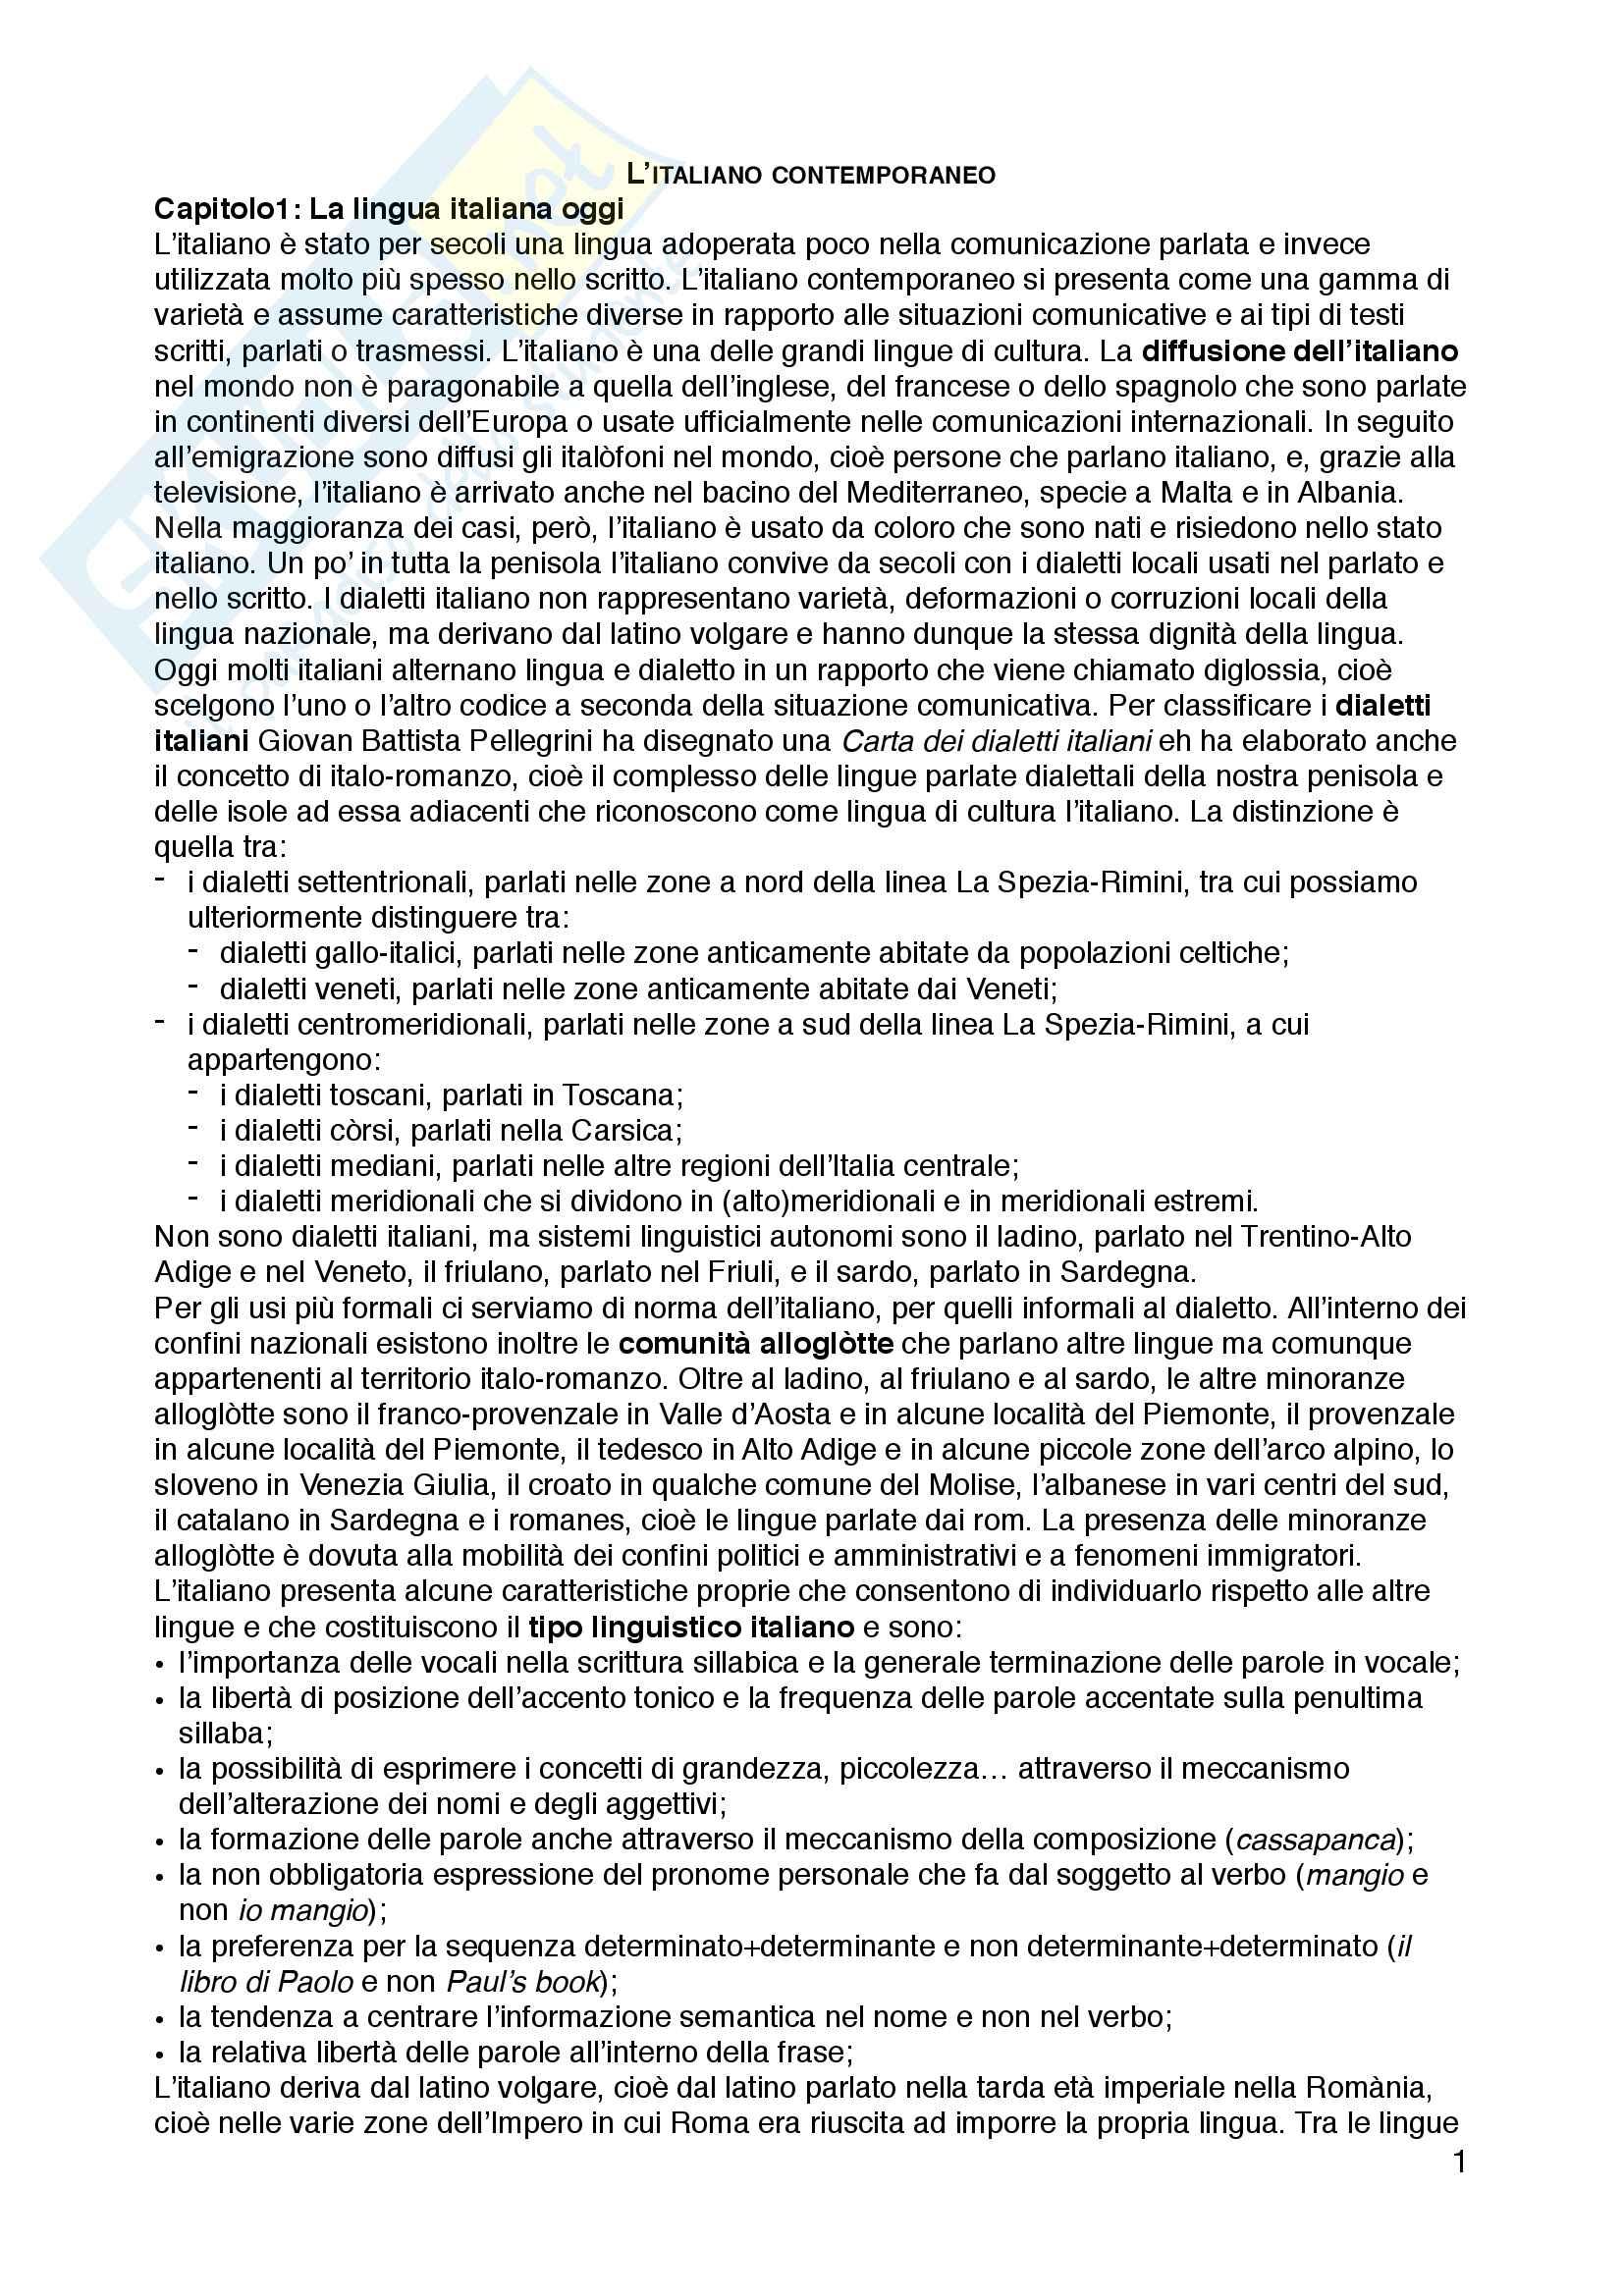 appunto R. Setti Linguistica italiana